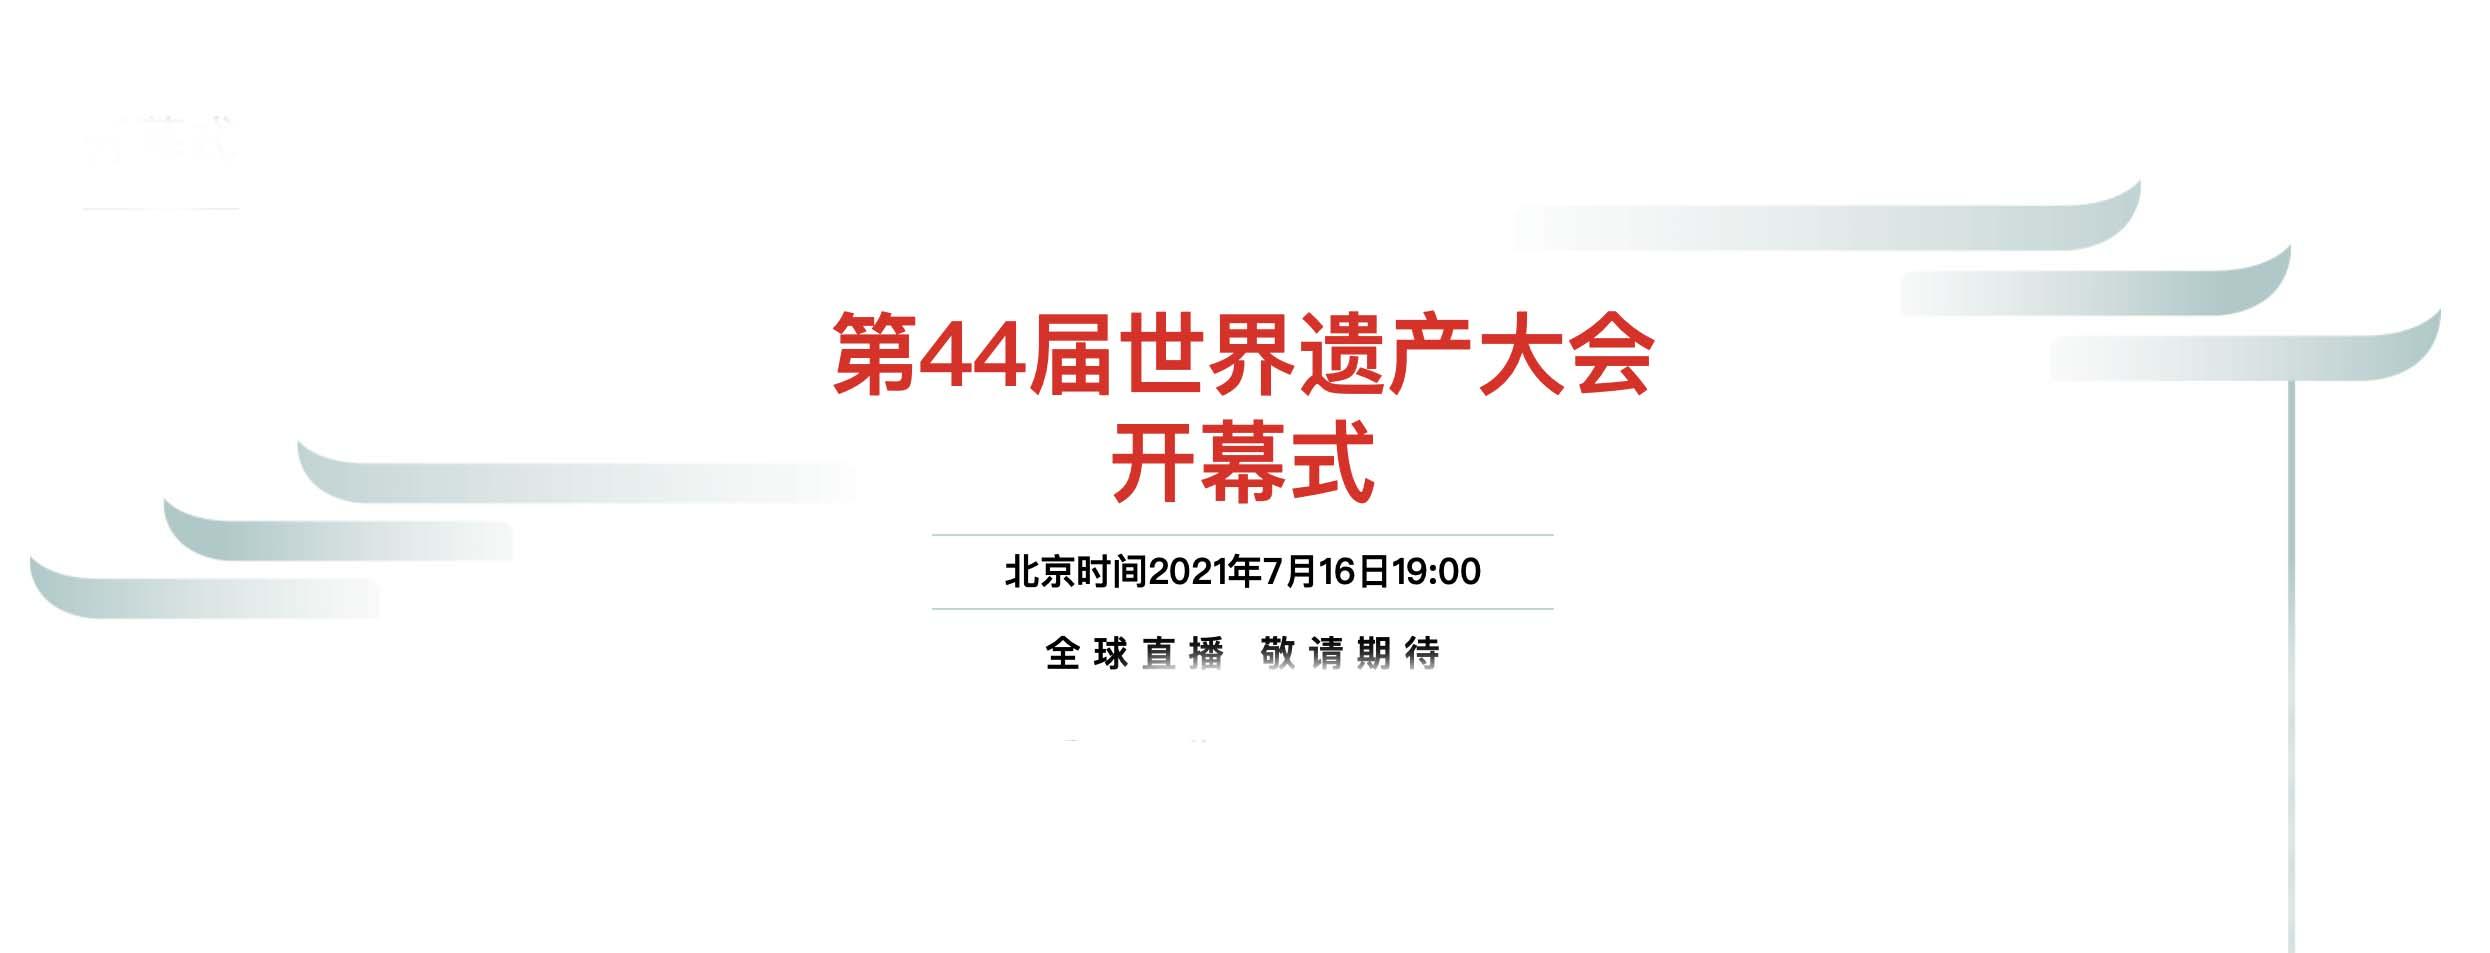 连续举办四届数字中国建设峰会 福州又将举办第44届世界遗产大会